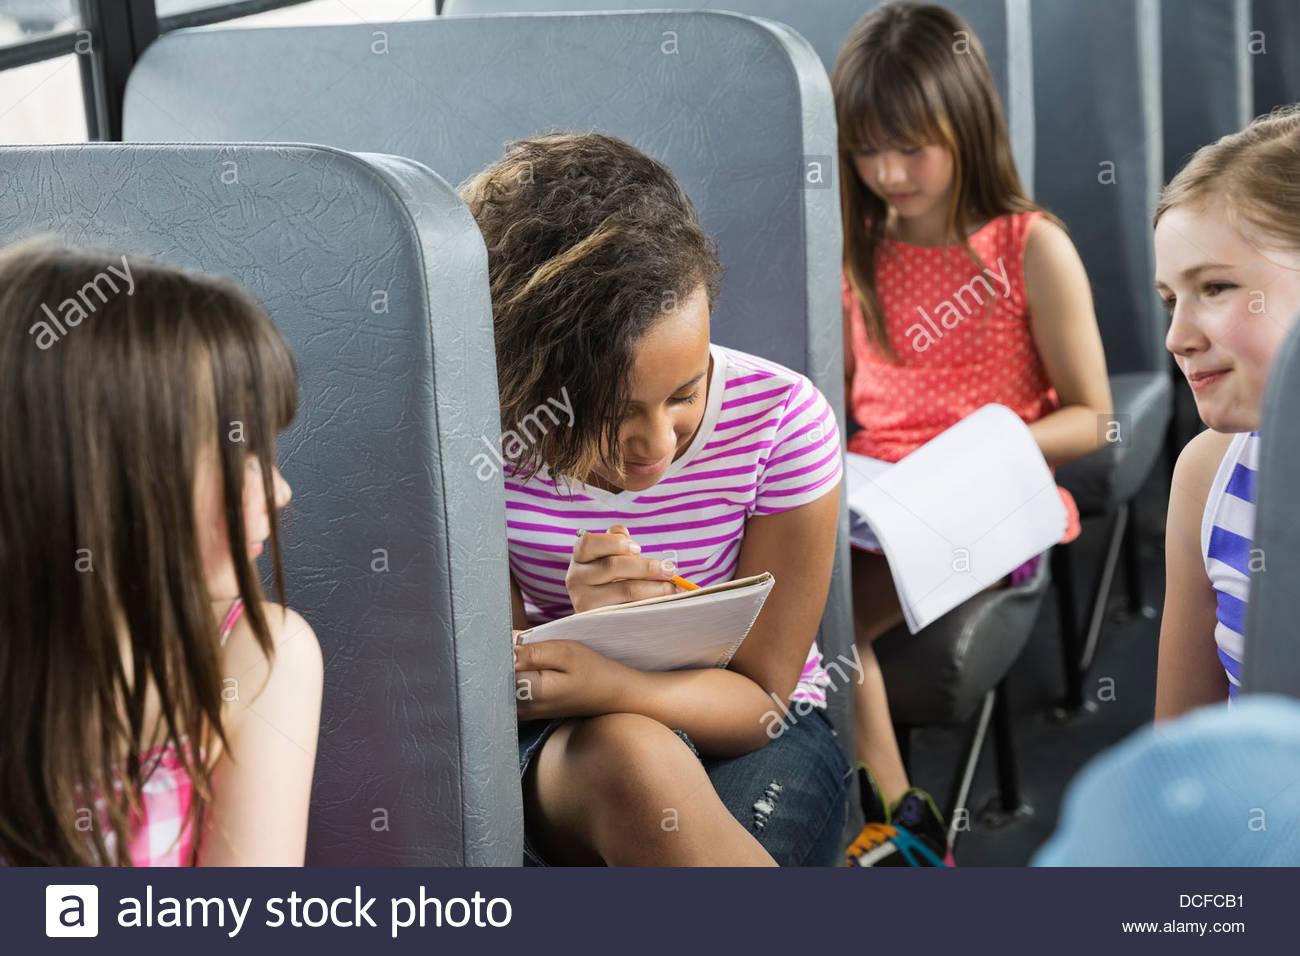 Las colegialas sentados dentro de bus Imagen De Stock